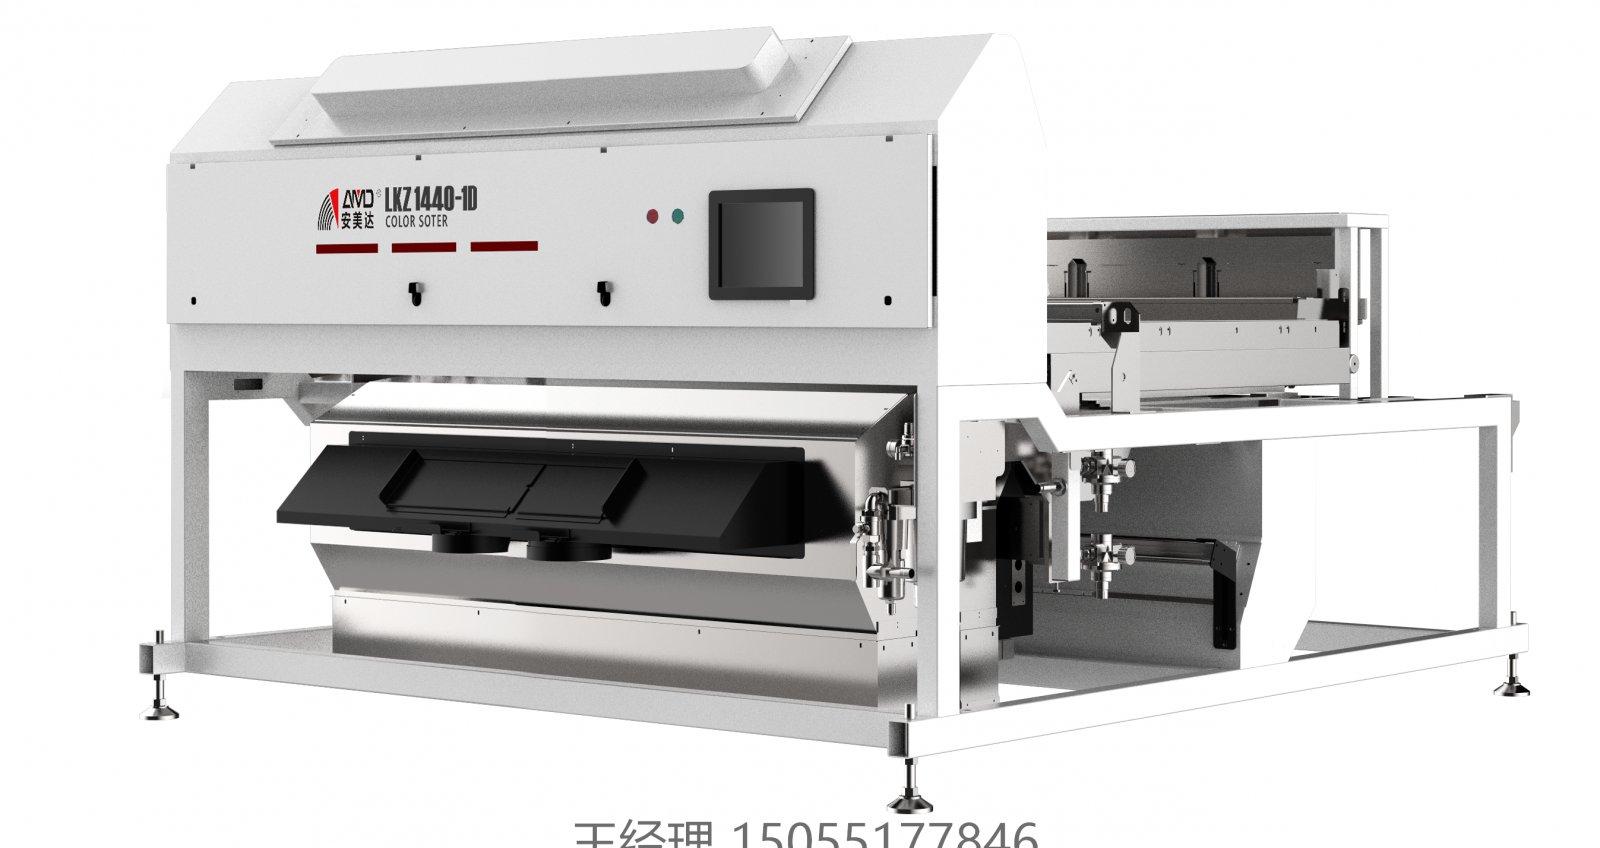 安美达牌大产量金属硅色选机的图片